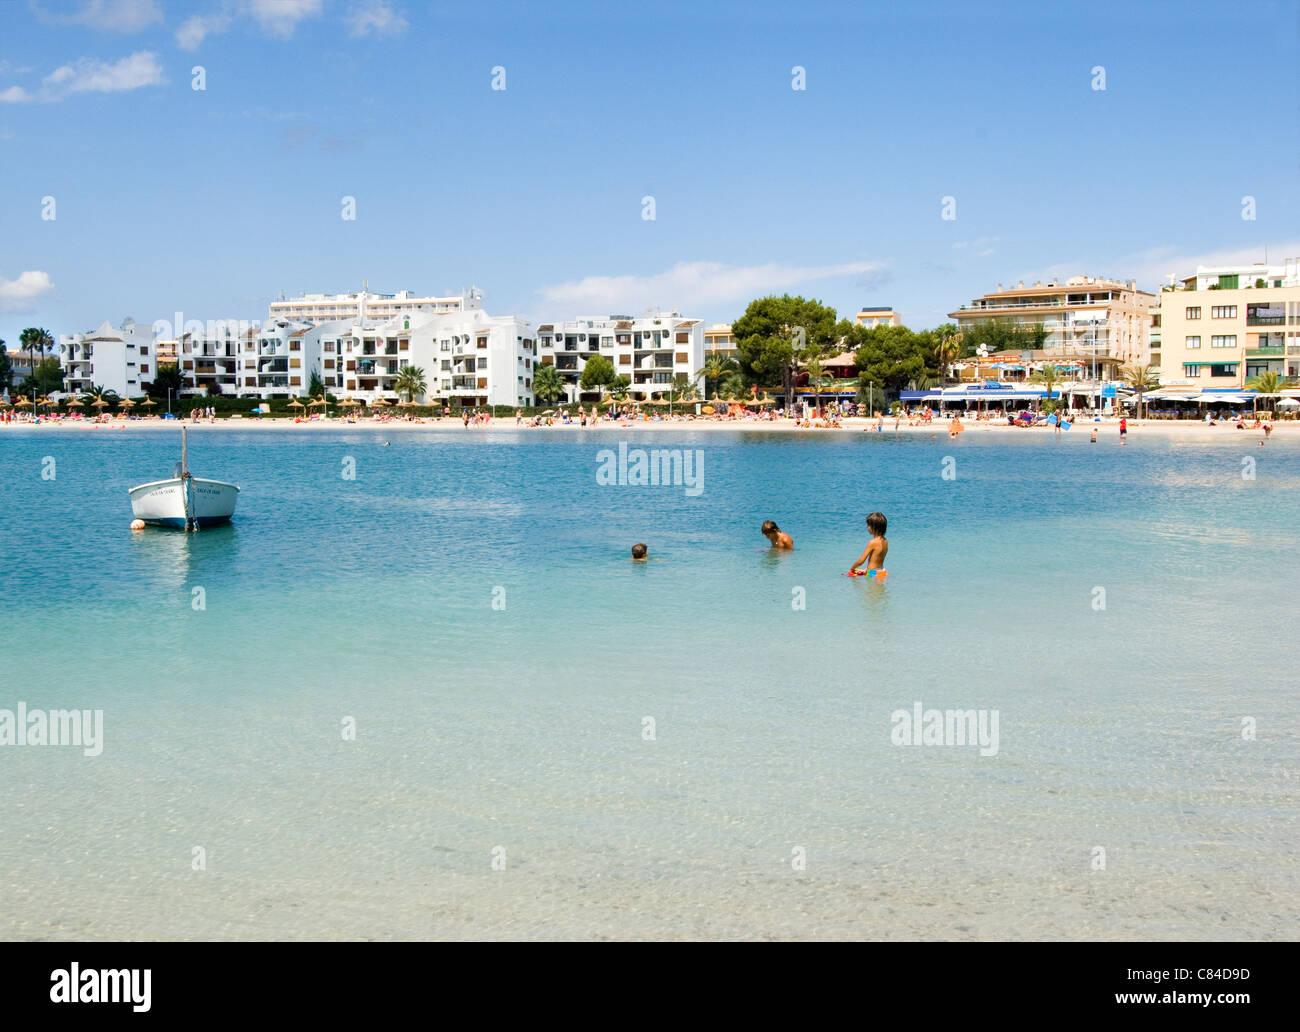 Mallorca, Port de Alcudia, beach Stock Photo